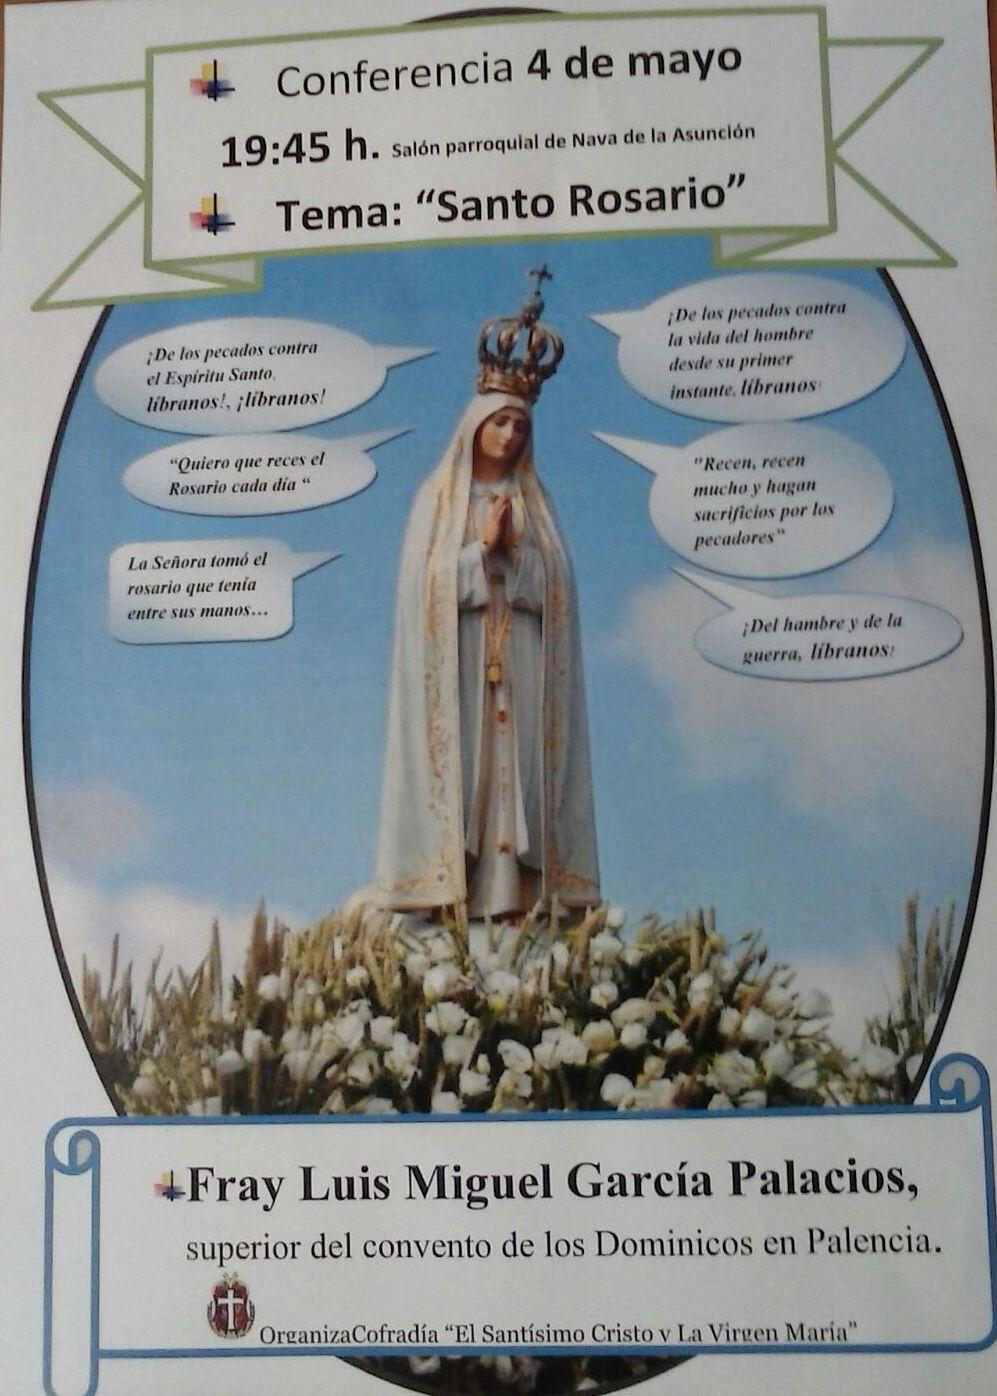 Conferencia -El Santo Rosario.jpg